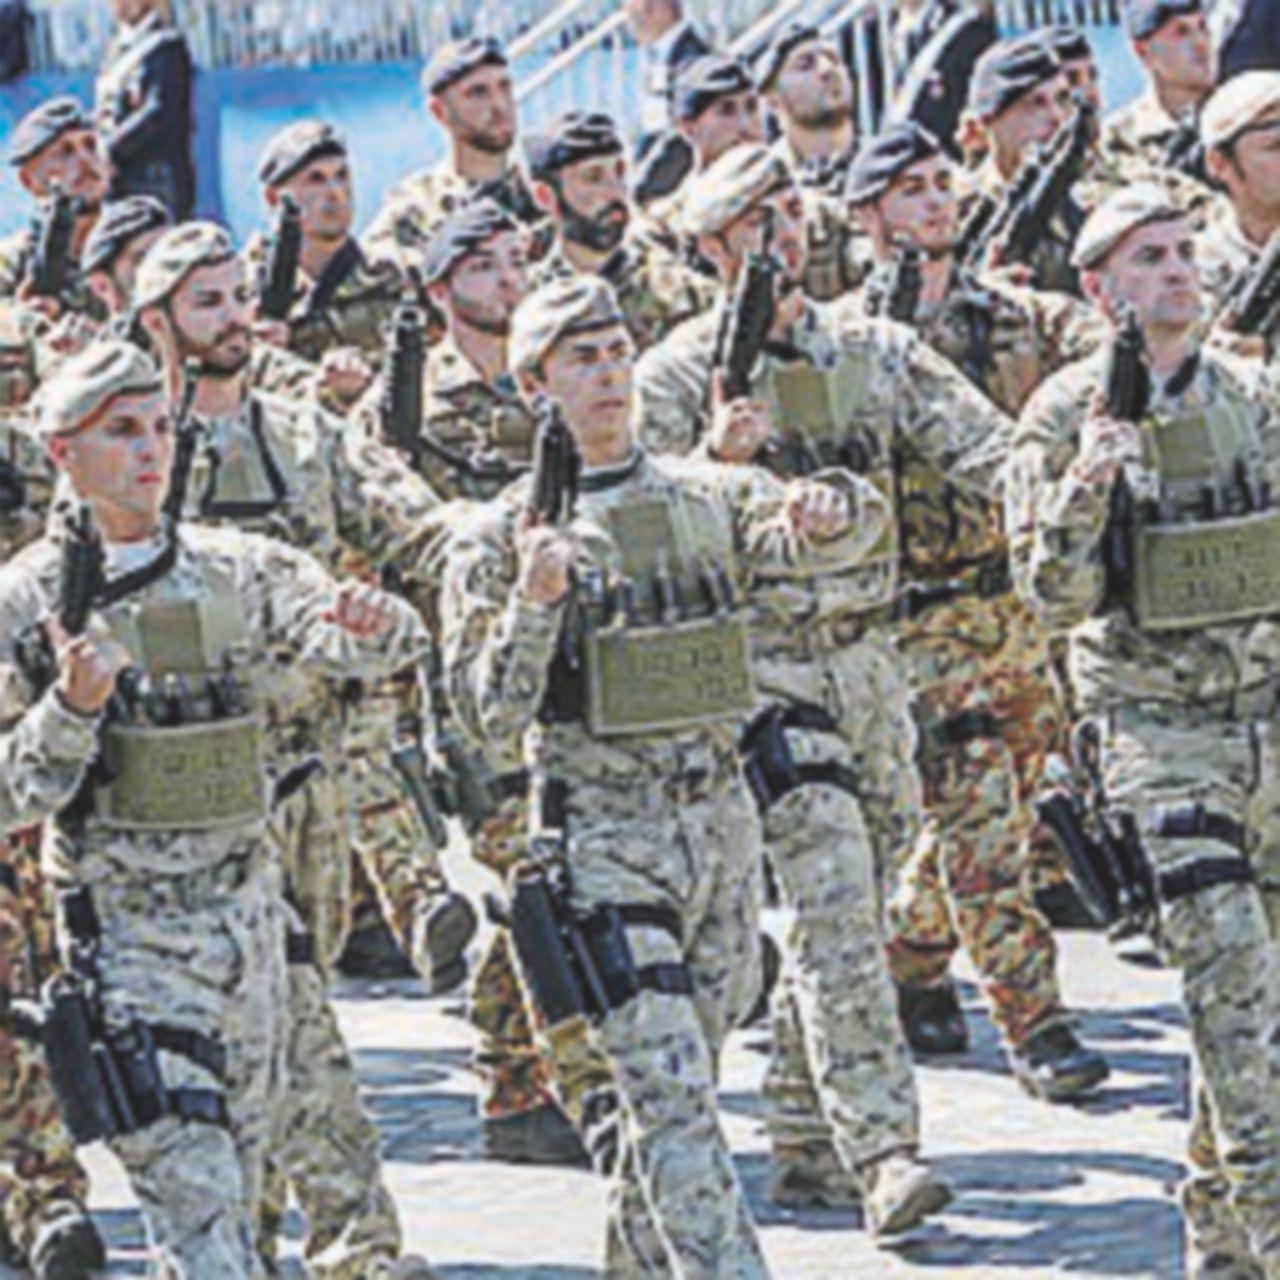 La Consulta: anche i militari potranno farsi i sindacati